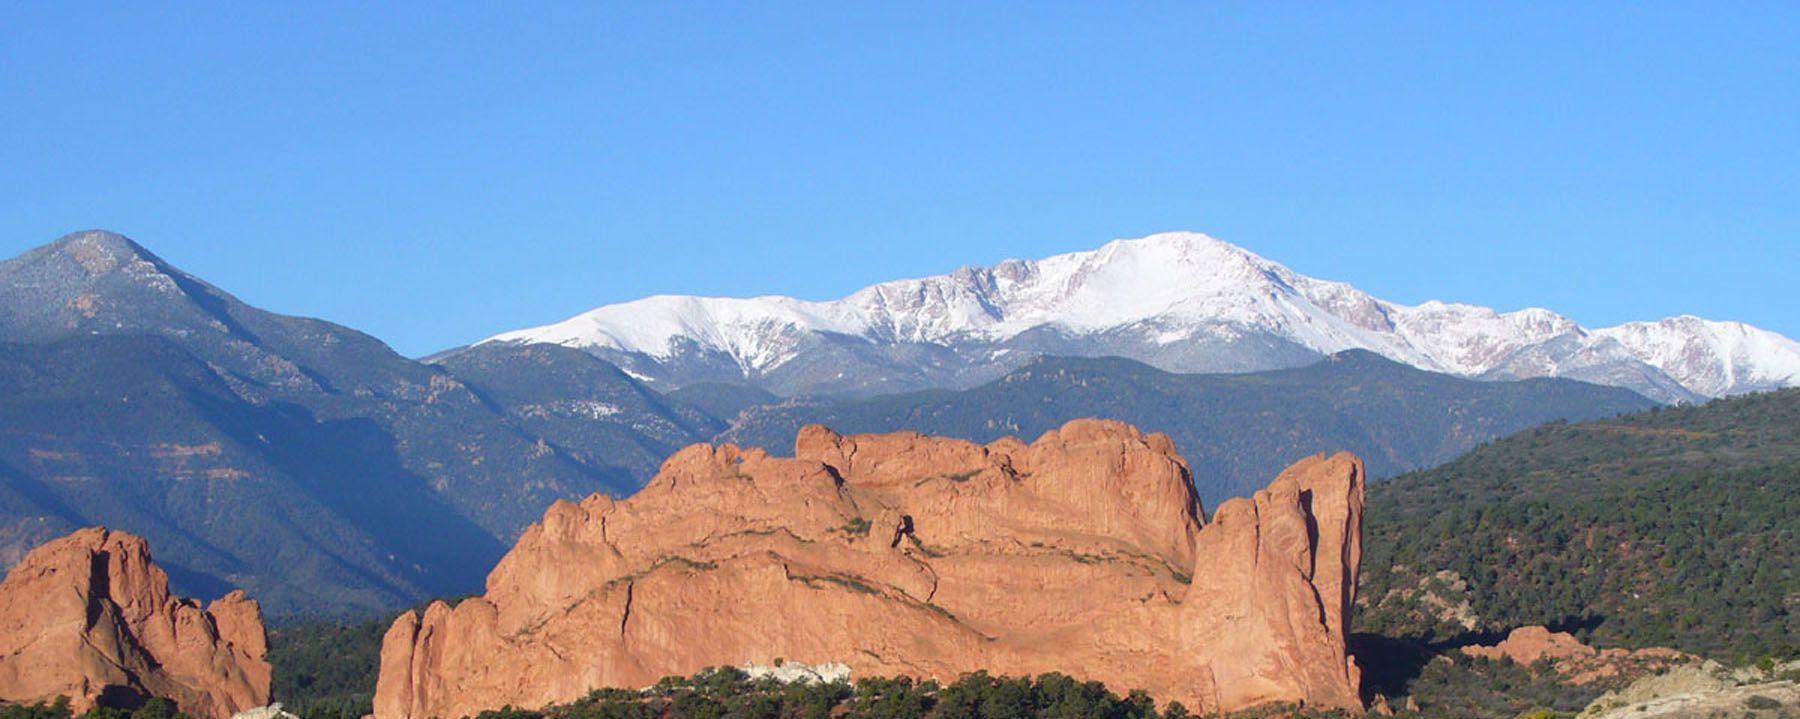 Garden of the Gods & Pikes Peak in Colorado Springs, Colorado